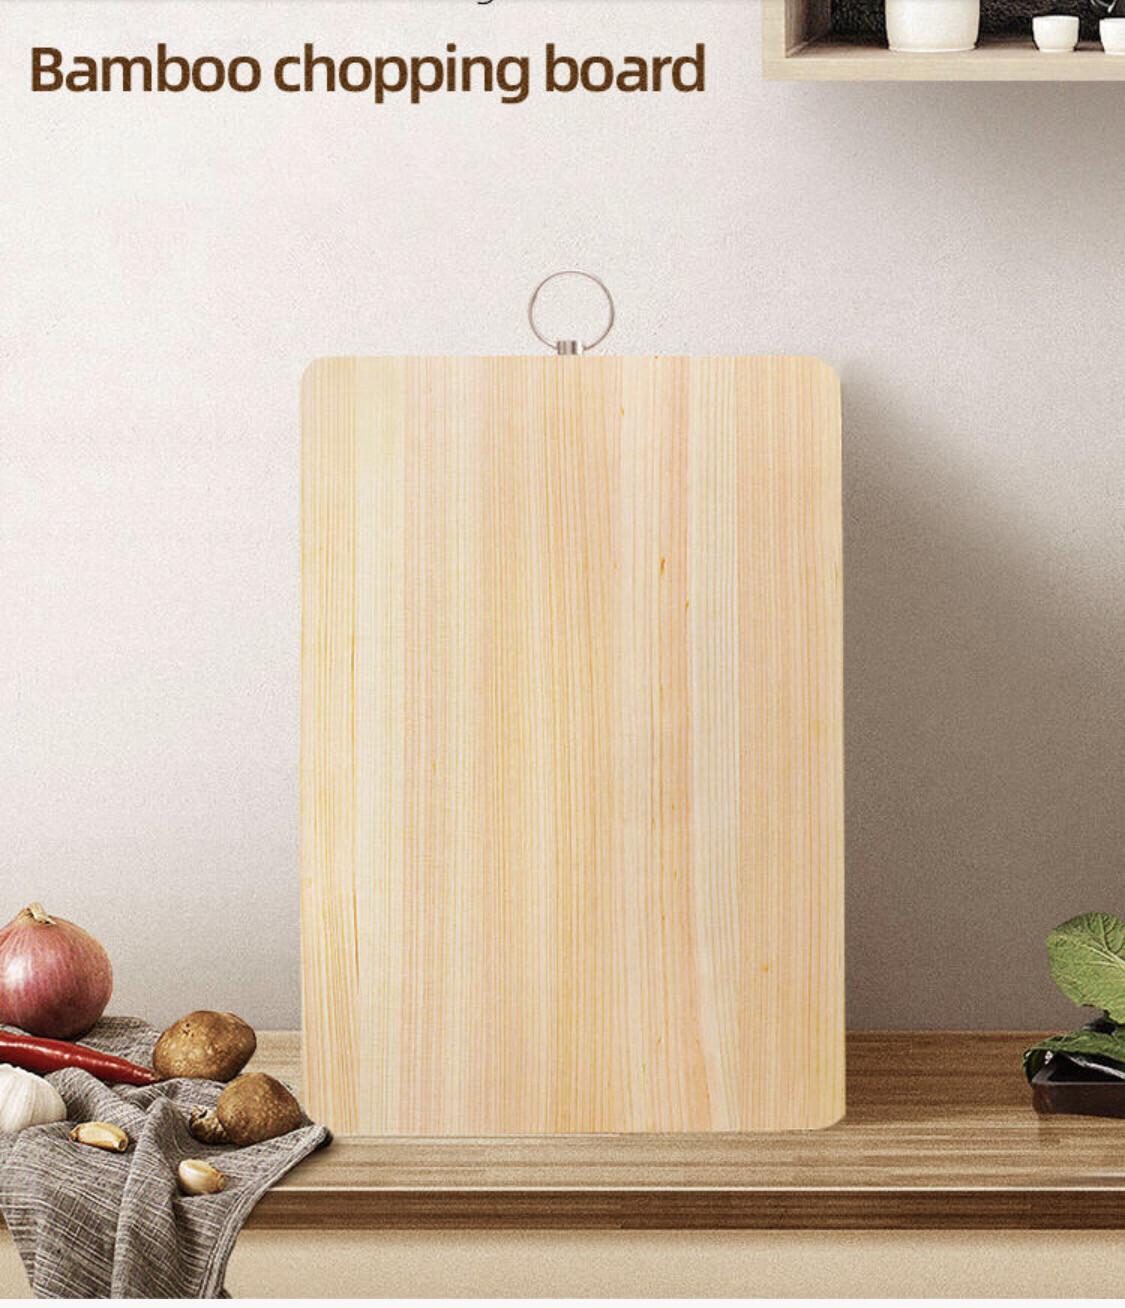 Bamboo Chopping Board/cutting Board 41.5x29x23cm